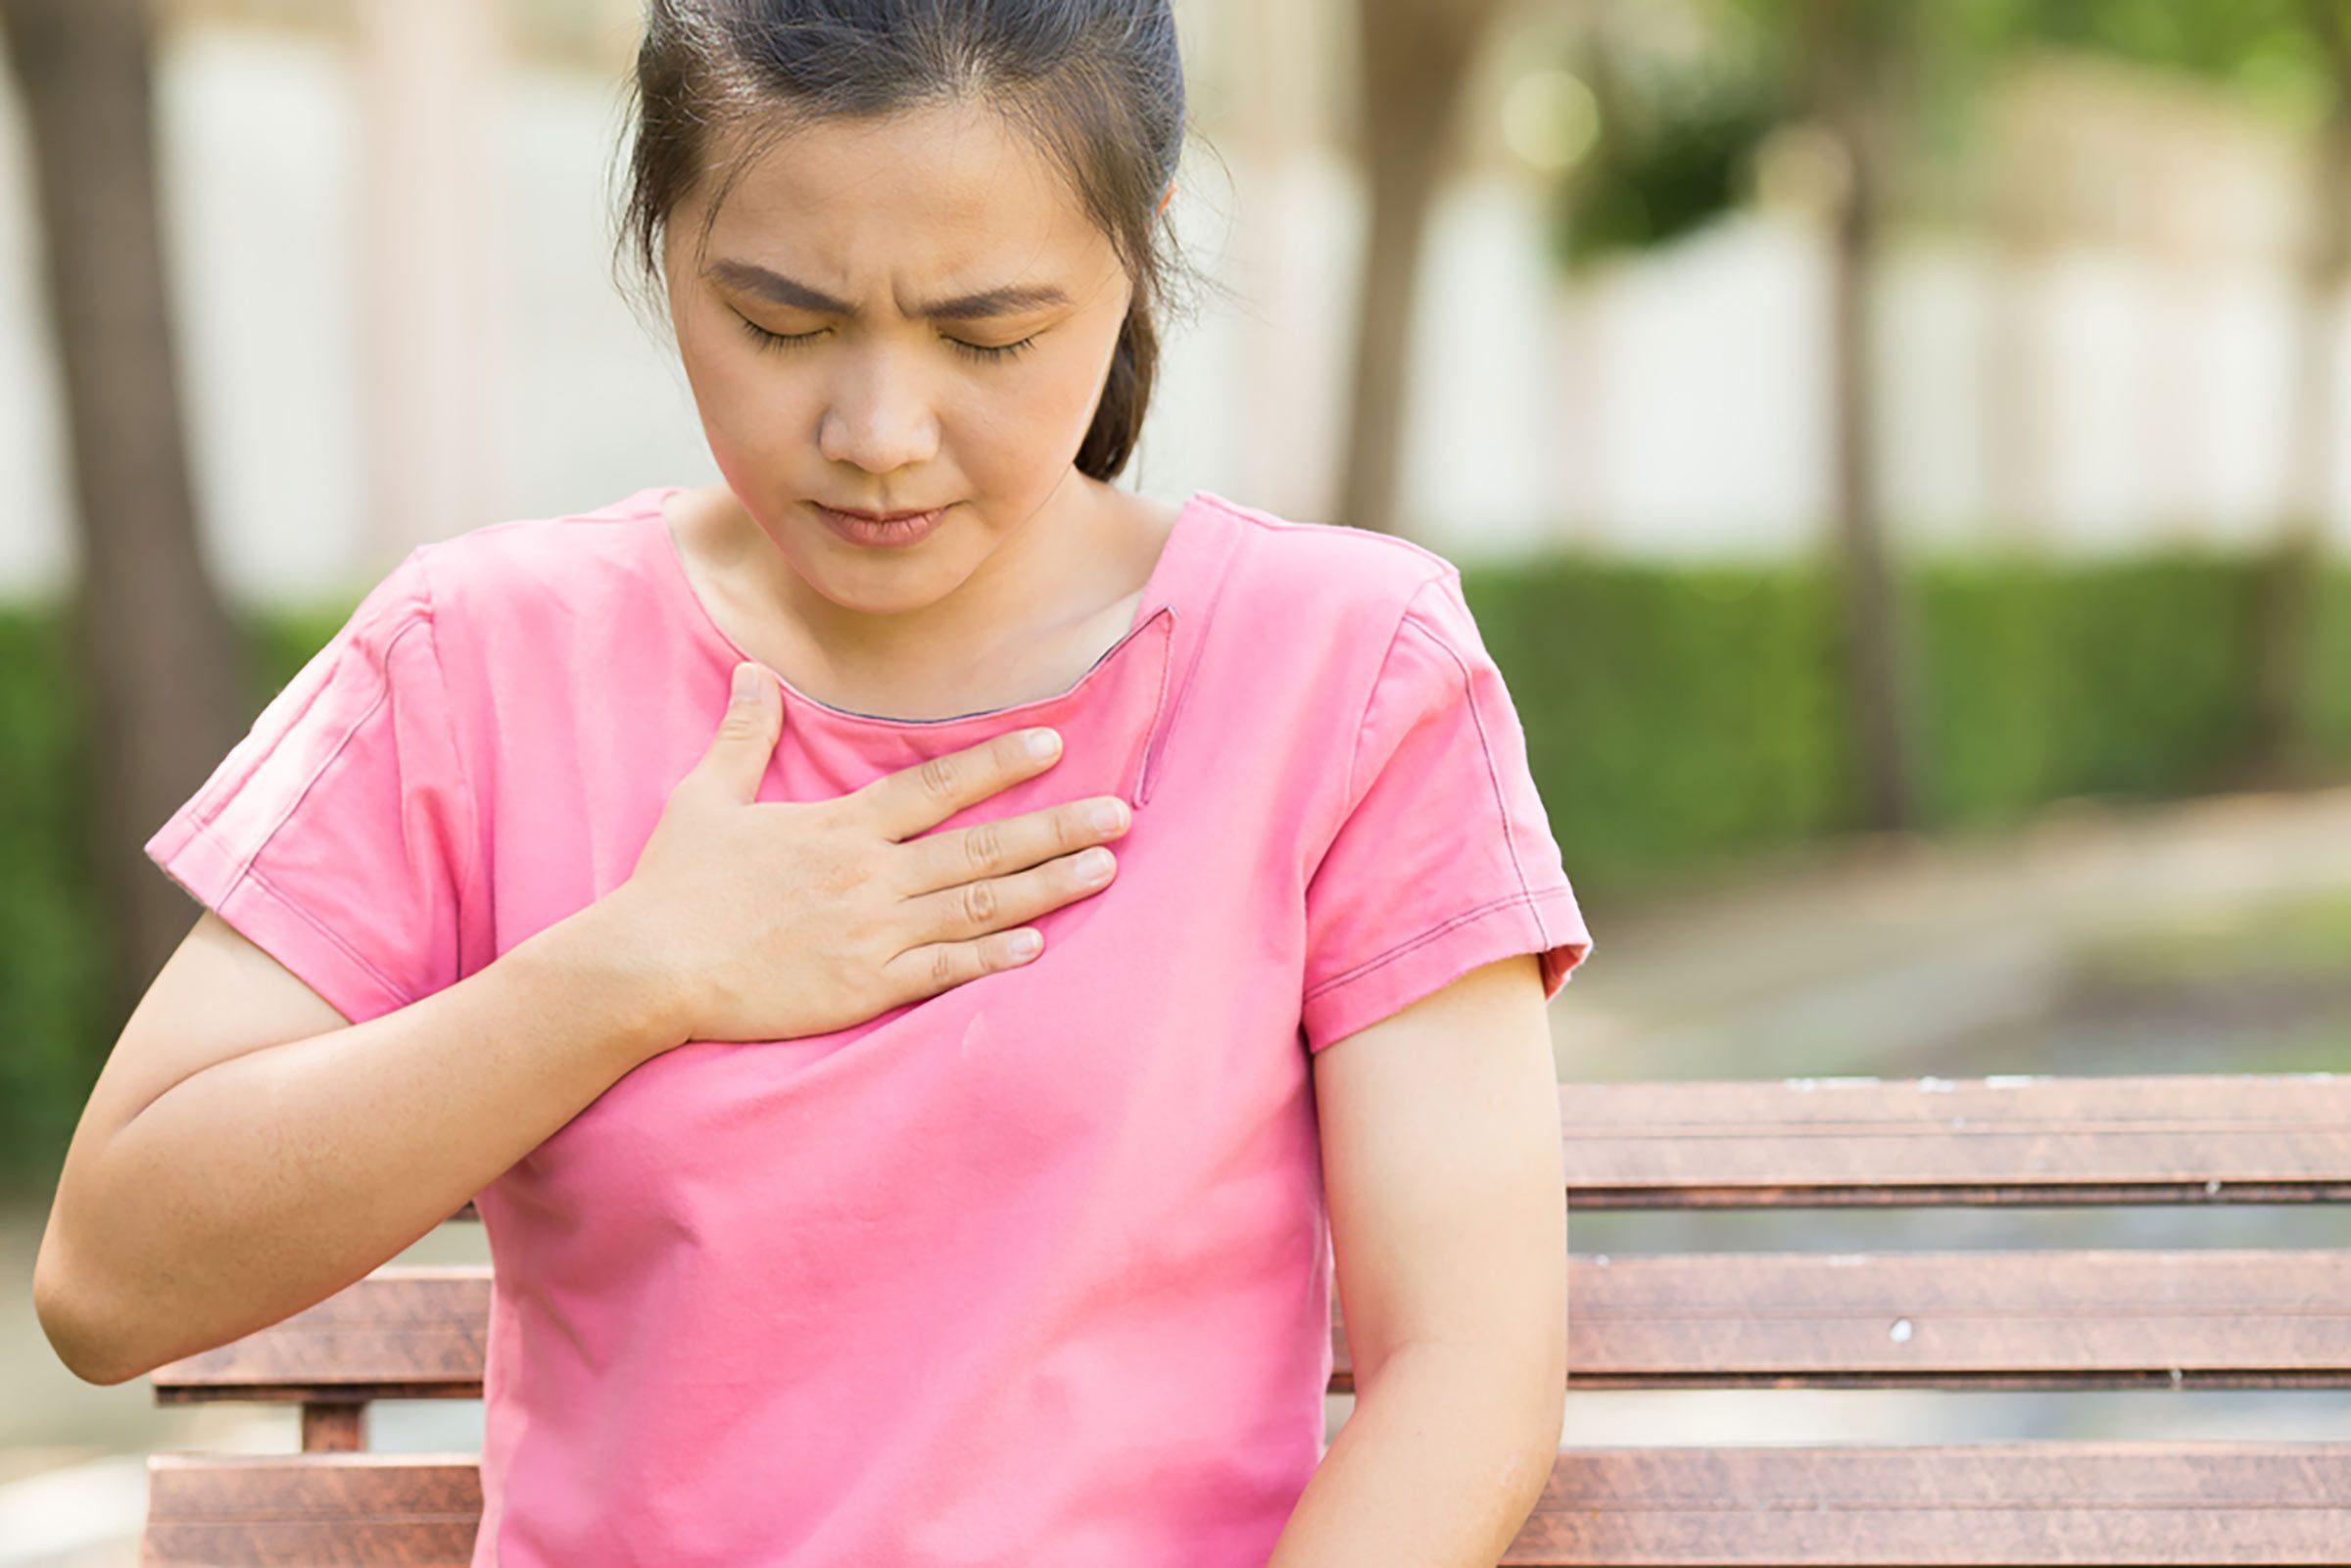 Brûlure d'estomac un des signes d'allergies